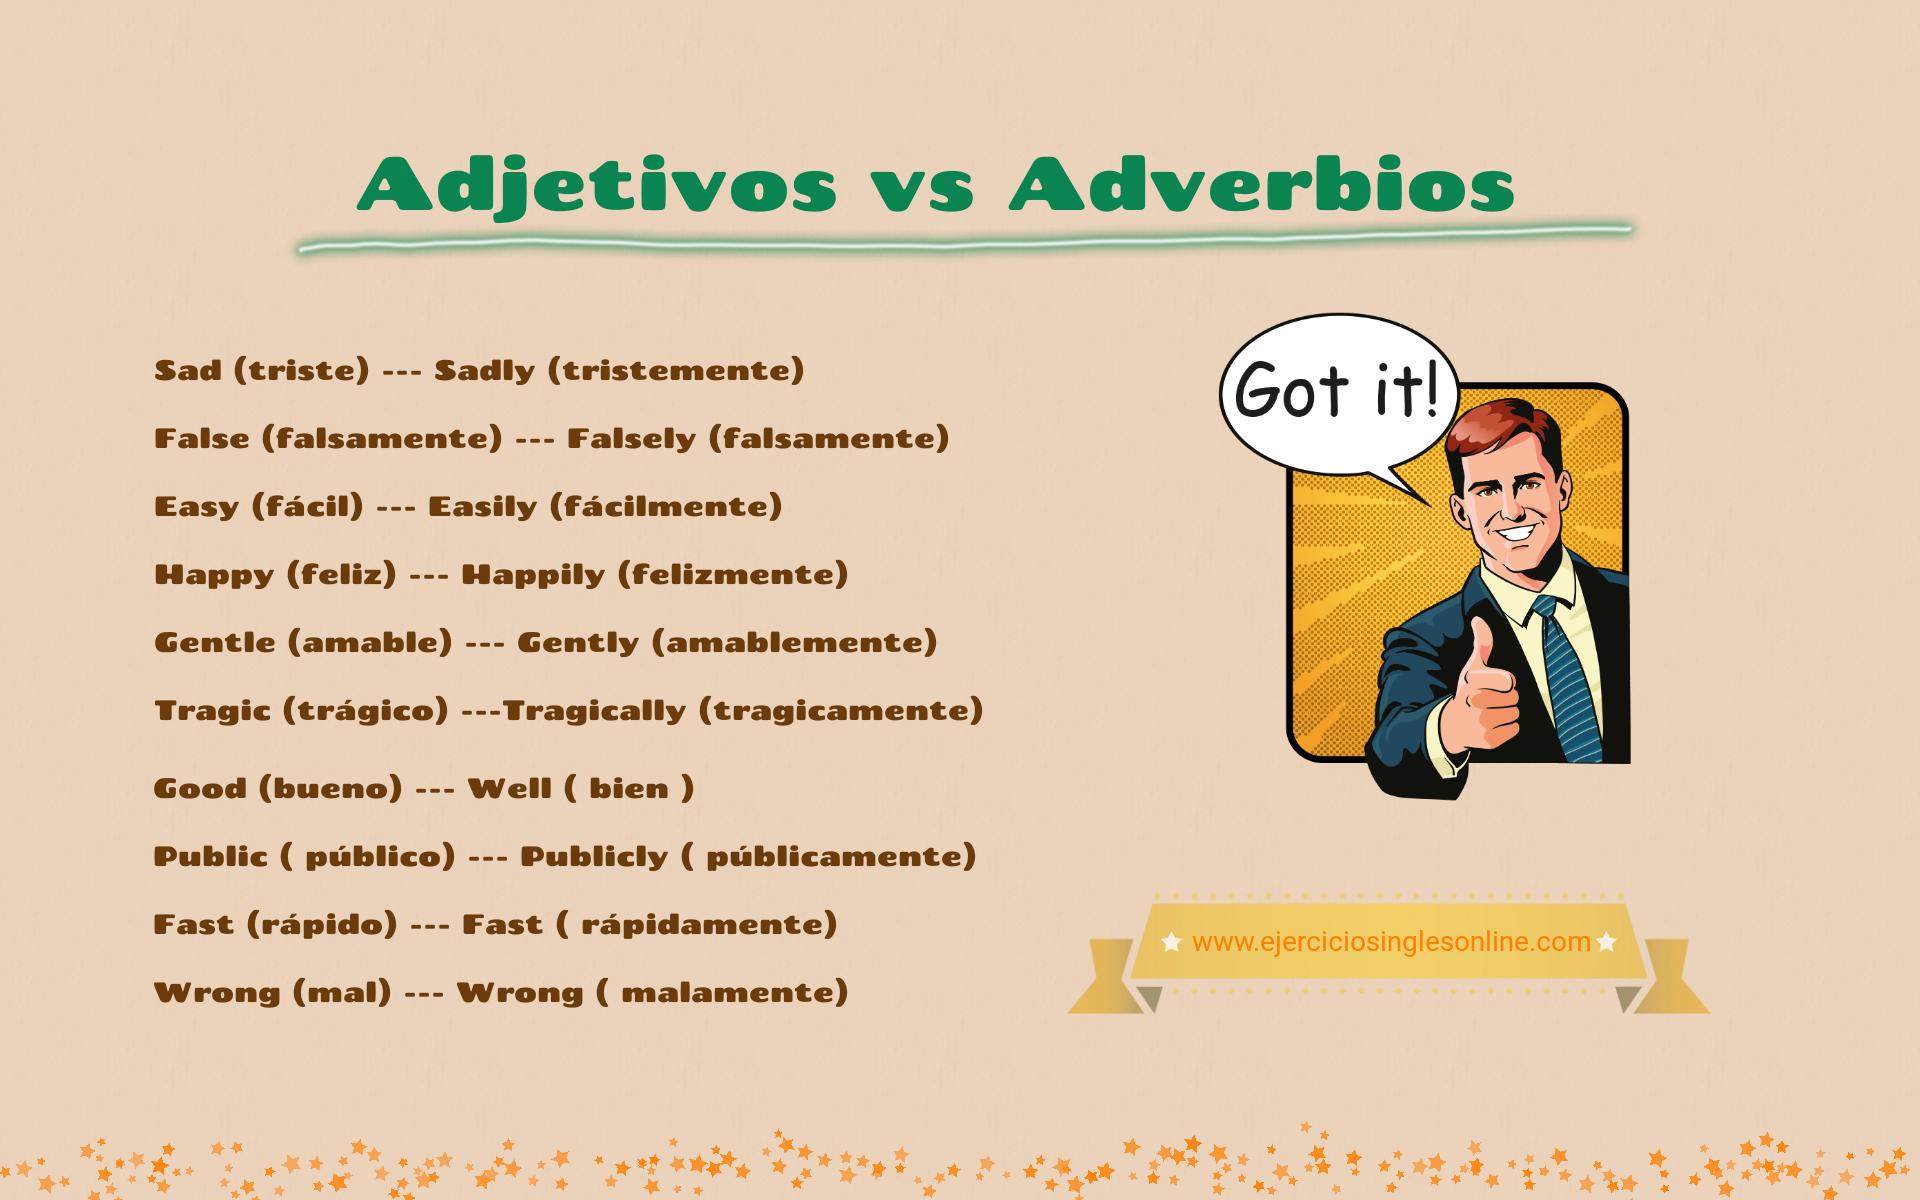 Los adverbios de modo en inglés   Ejercicios inglés online